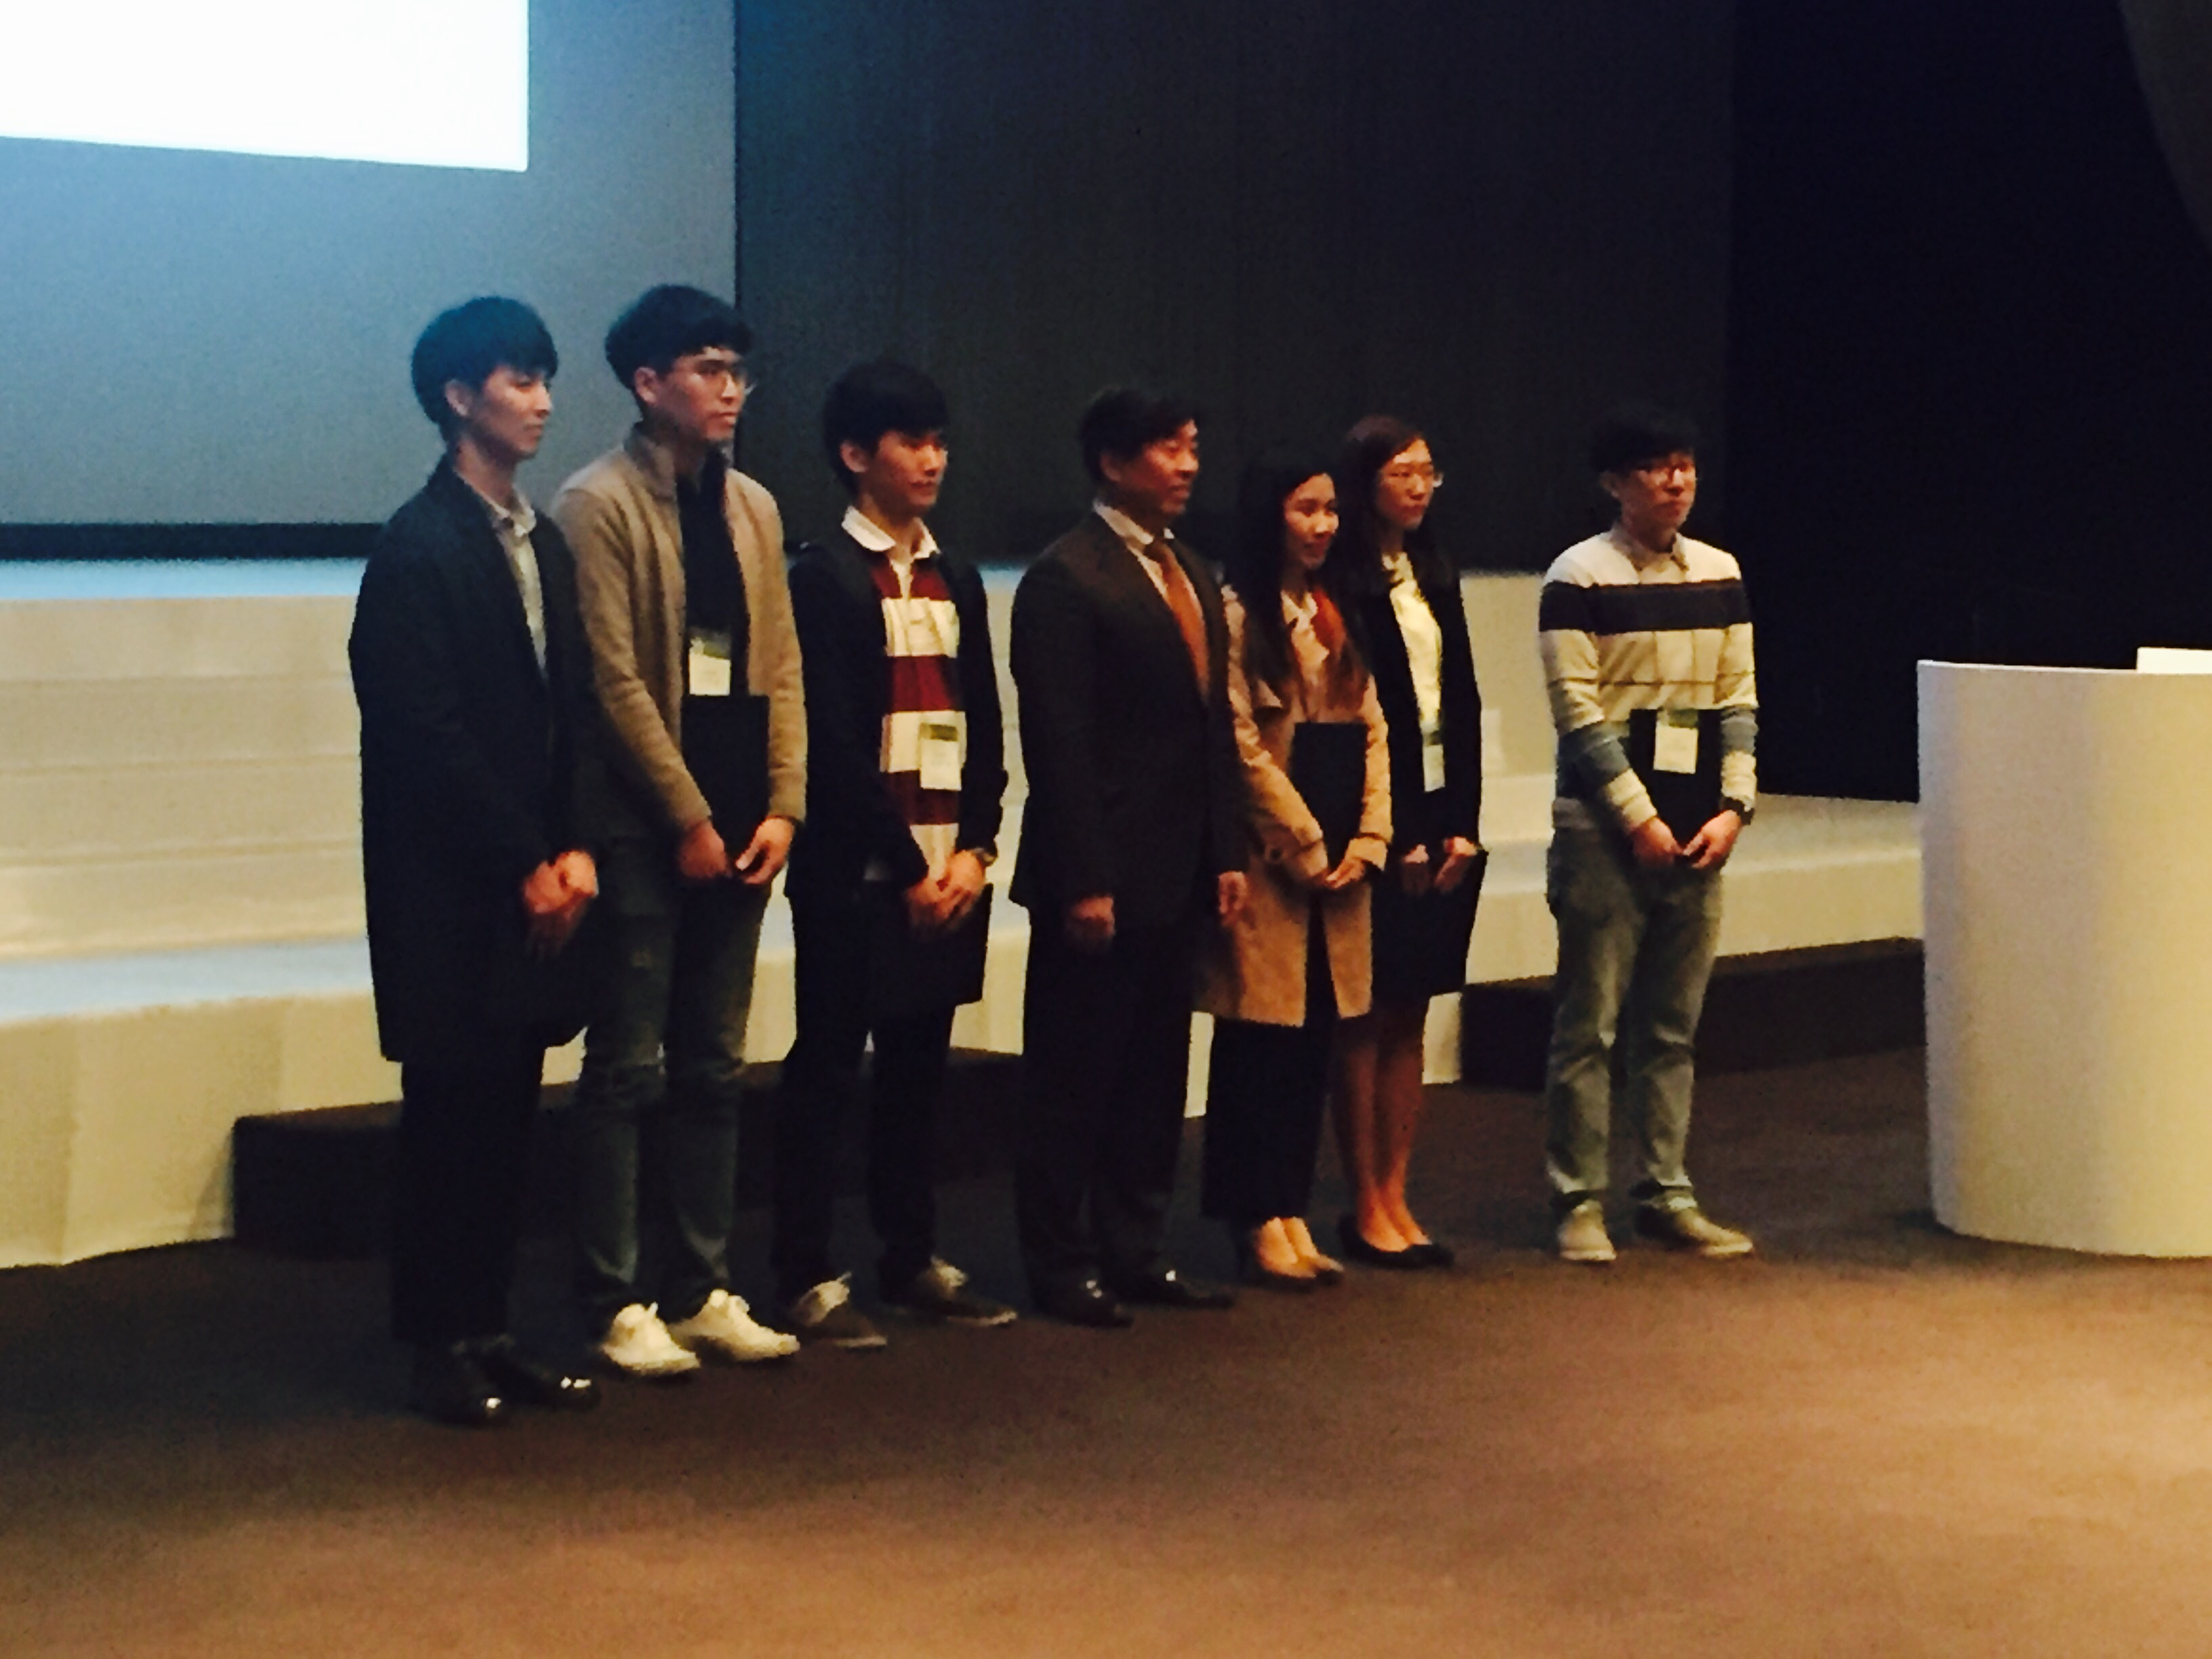 2017 춘계 고분자학회 오랄발표 수상 (3)